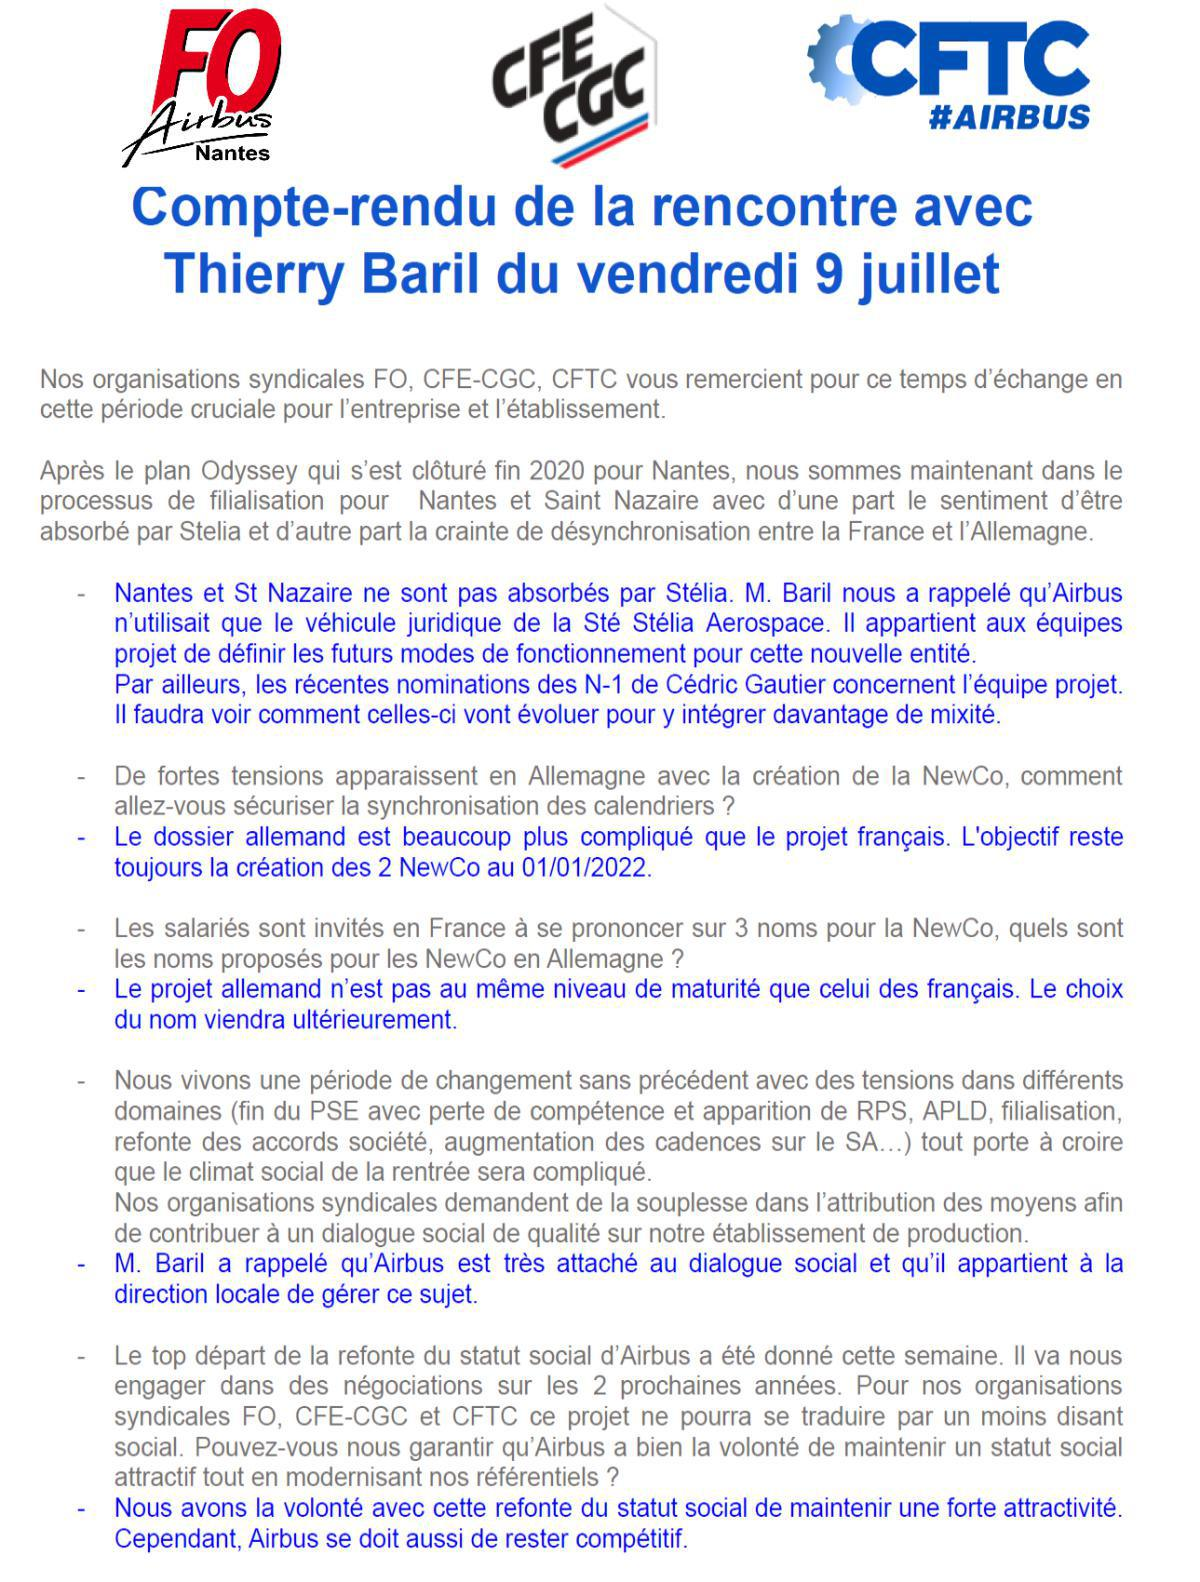 Rencontre avec Thierry Baril